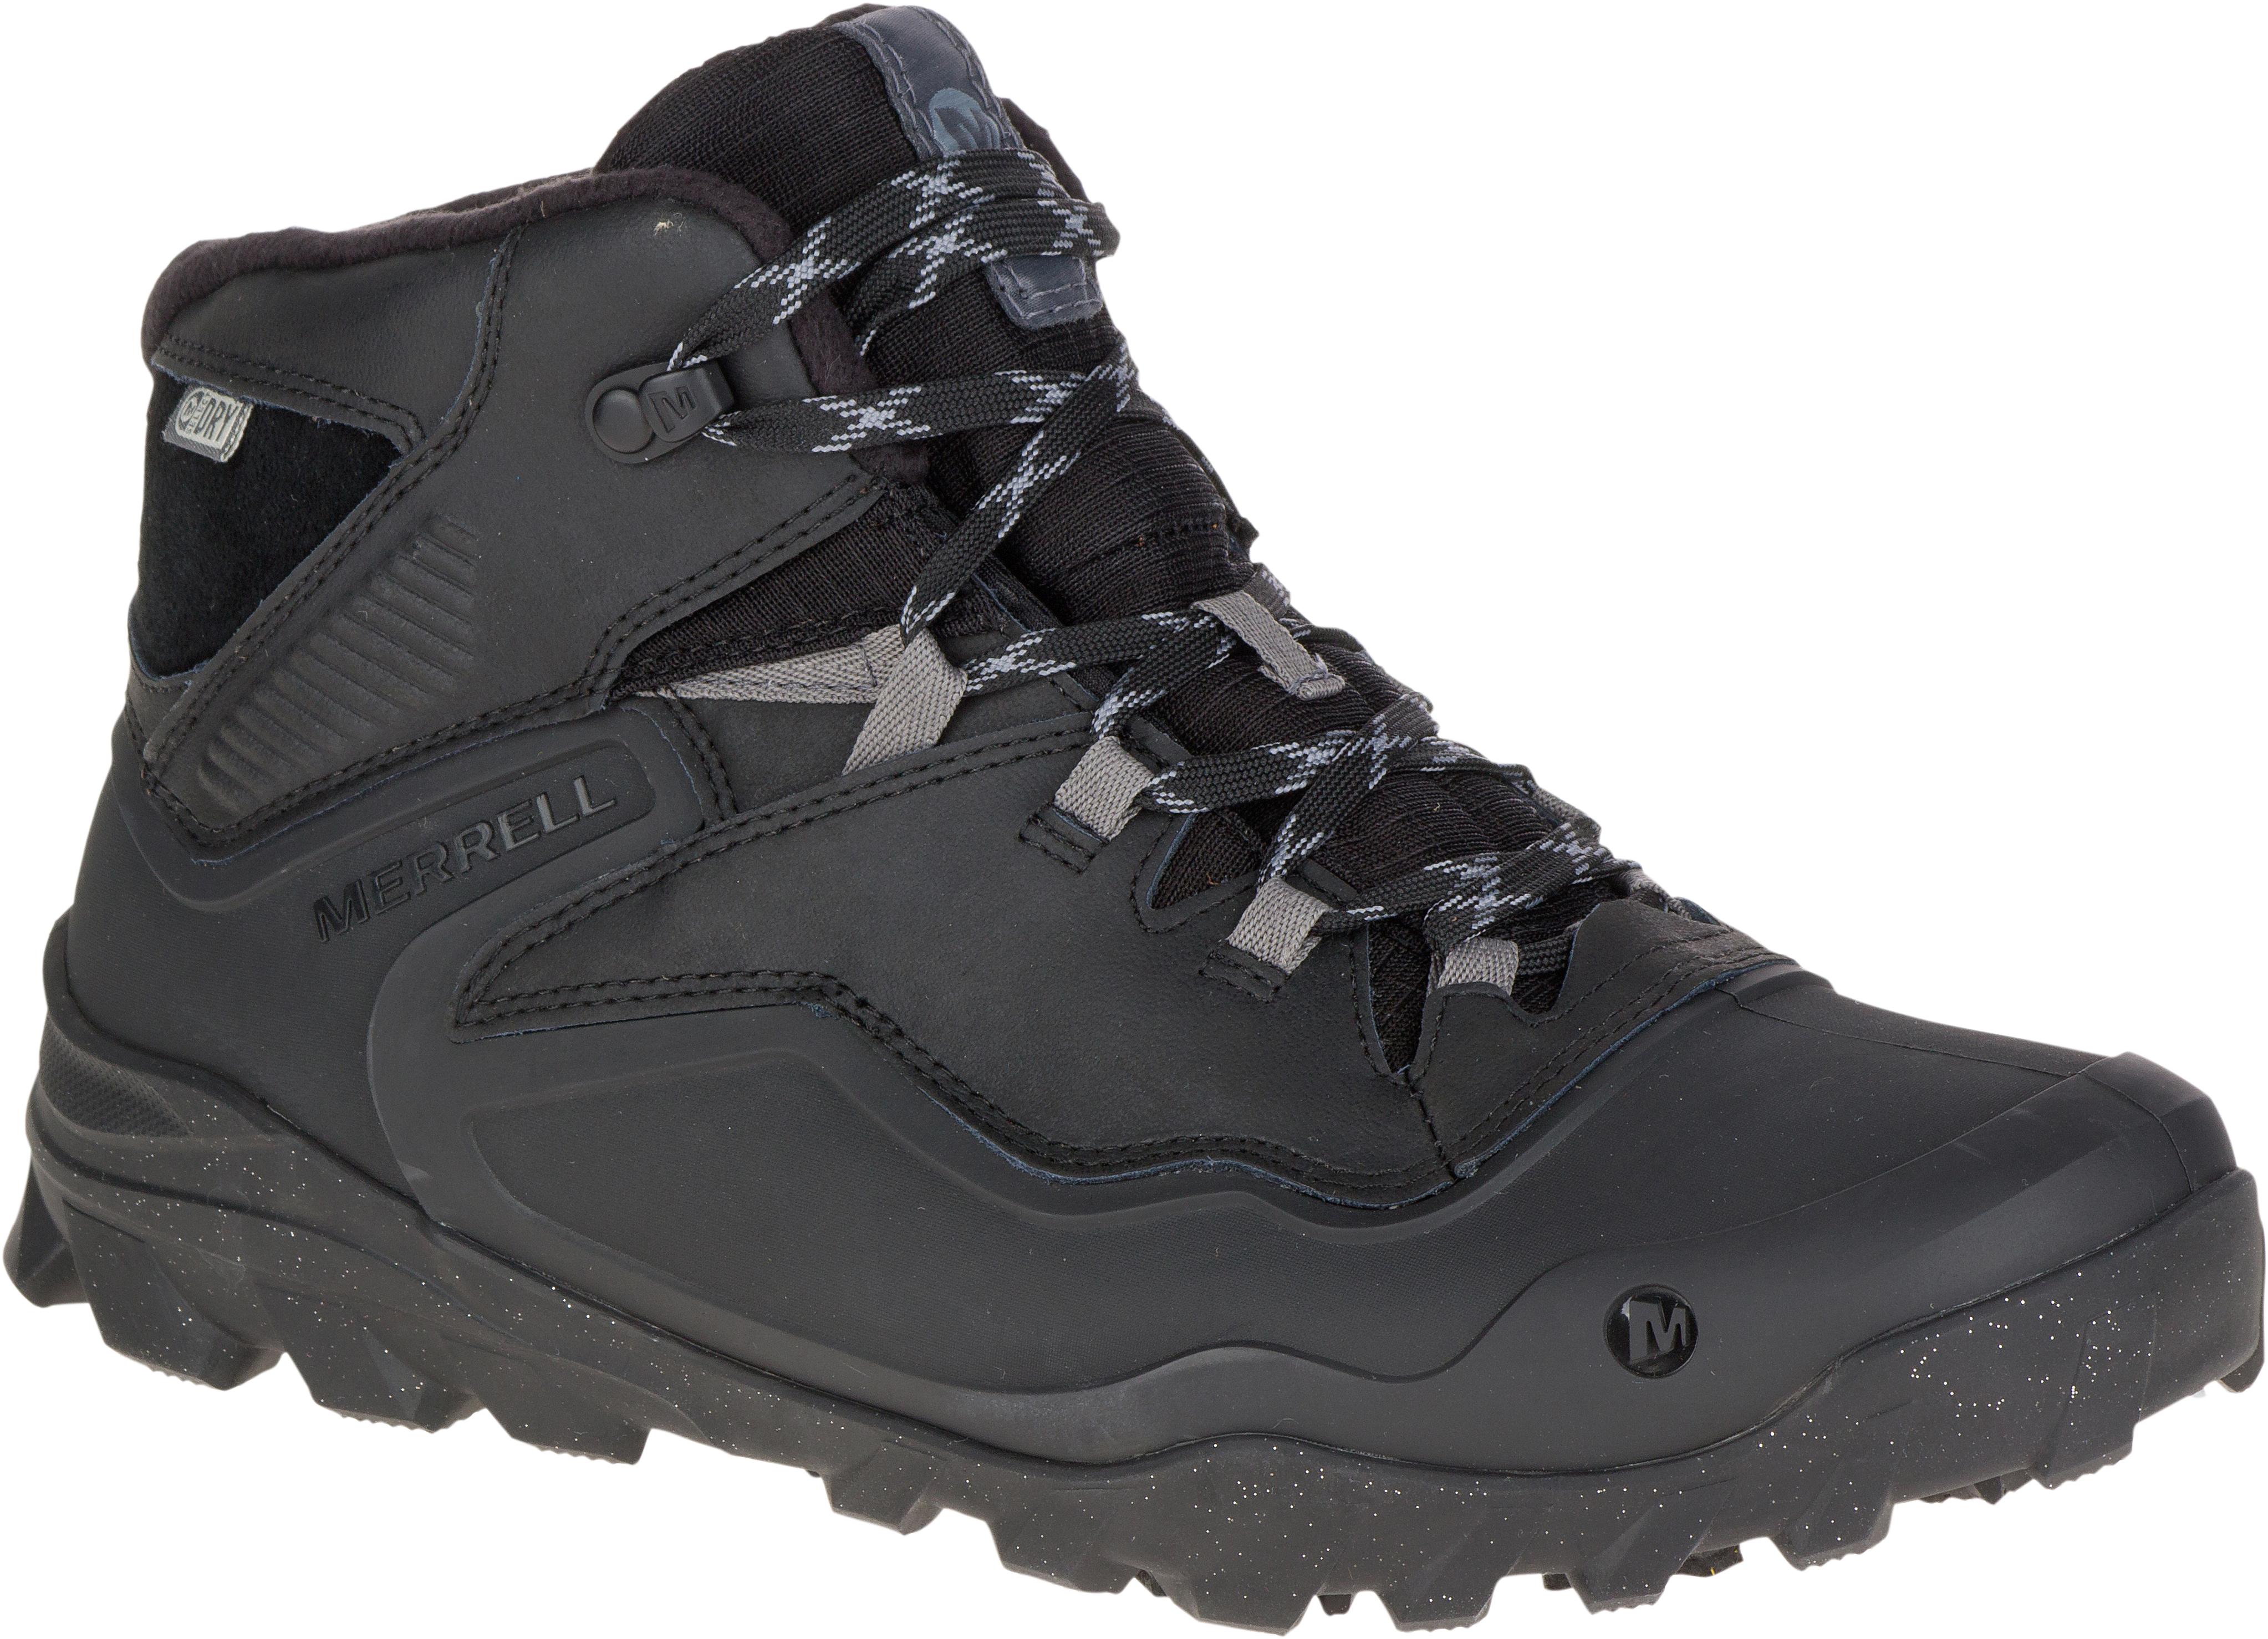 abdd3846bf Merrell Overlook 6 Ice+ Arctic Grip Waterproof Winter Boots - Men's